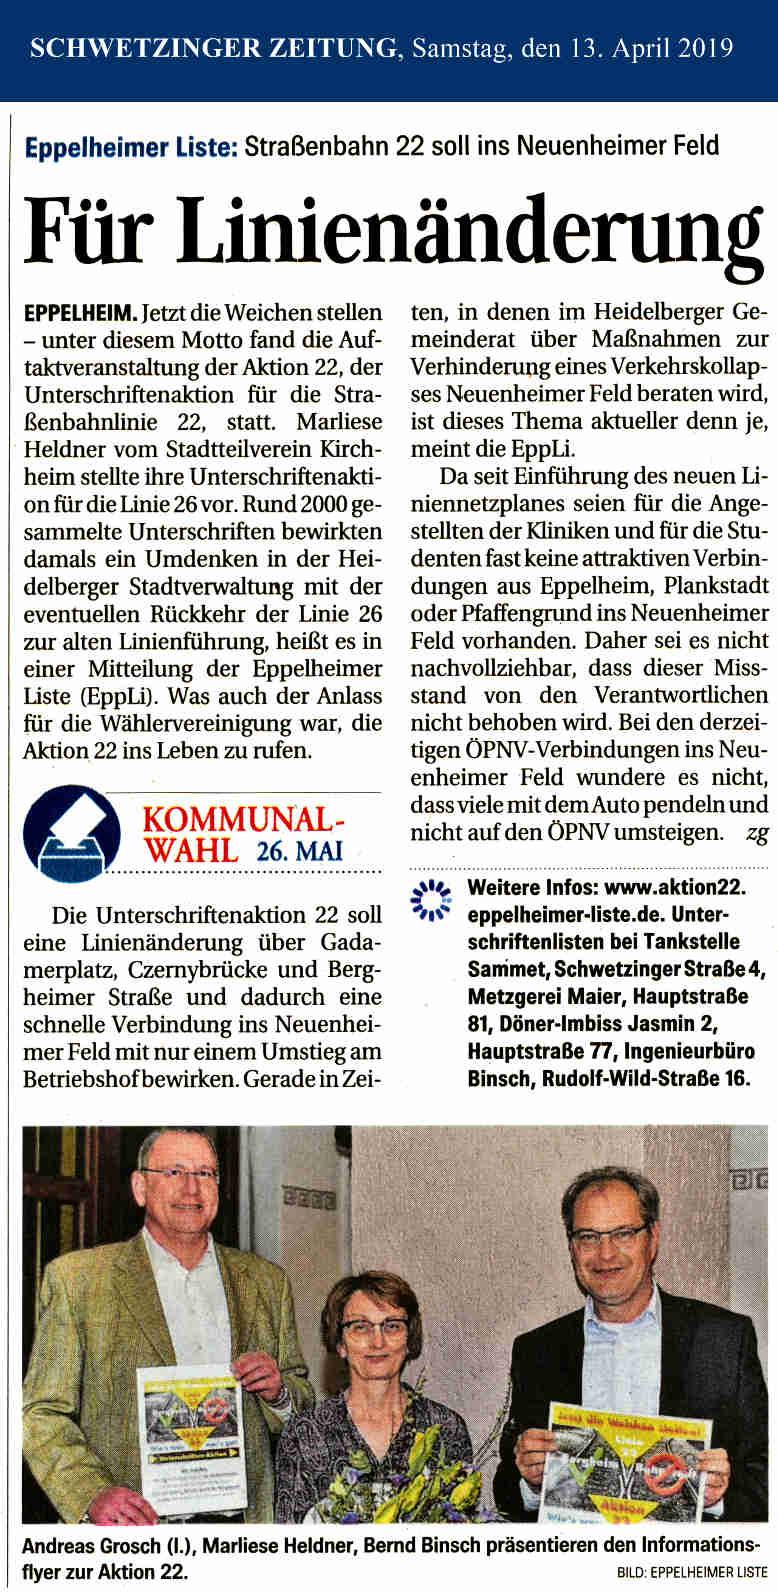 Schwetzinger Zeitung: Auftaktveranstaltung zur Aktion 22 – Linie 22